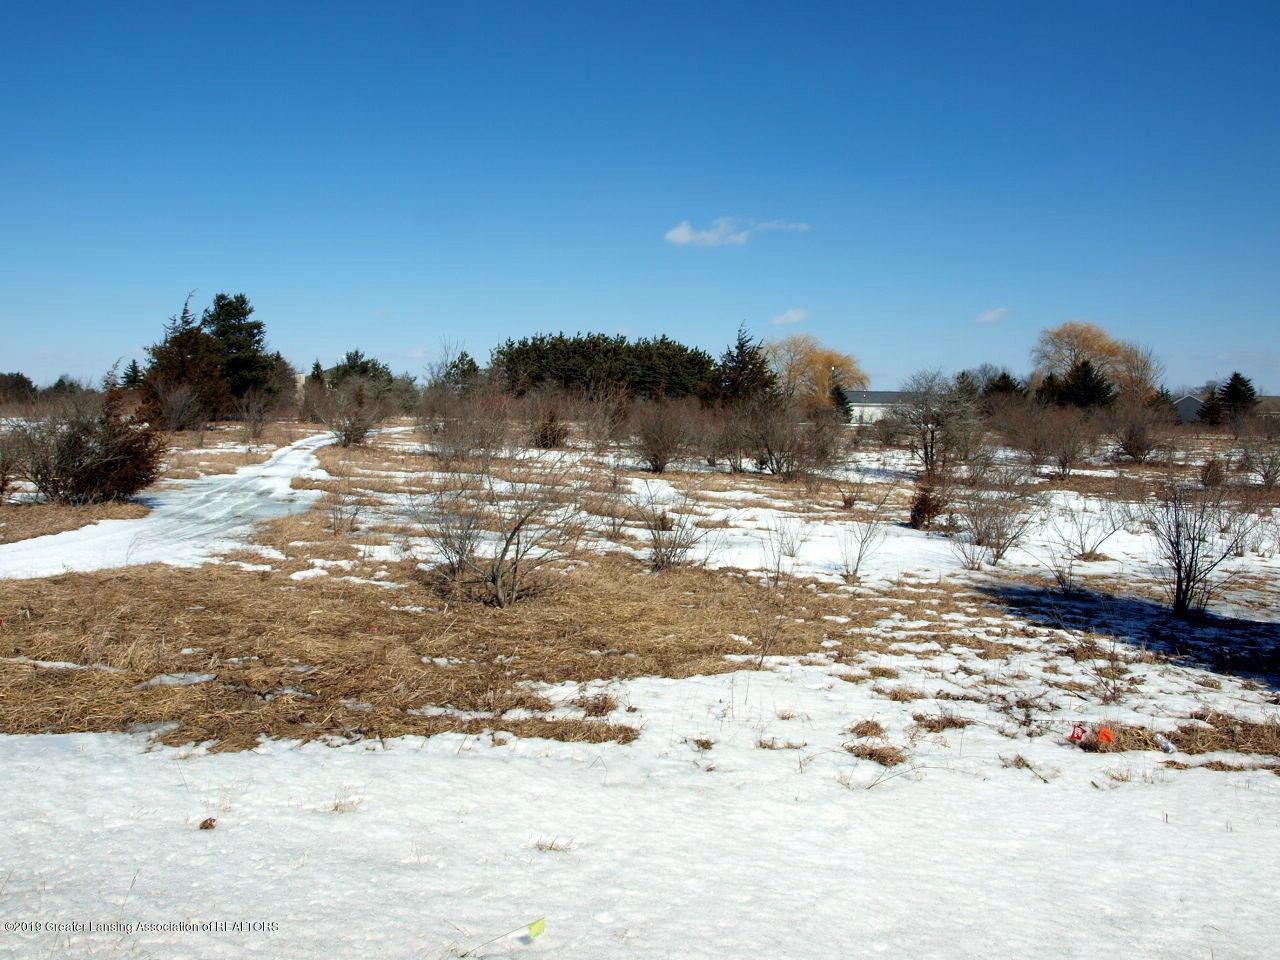 491 & 492 Sun Dog Trail - 491 - 2